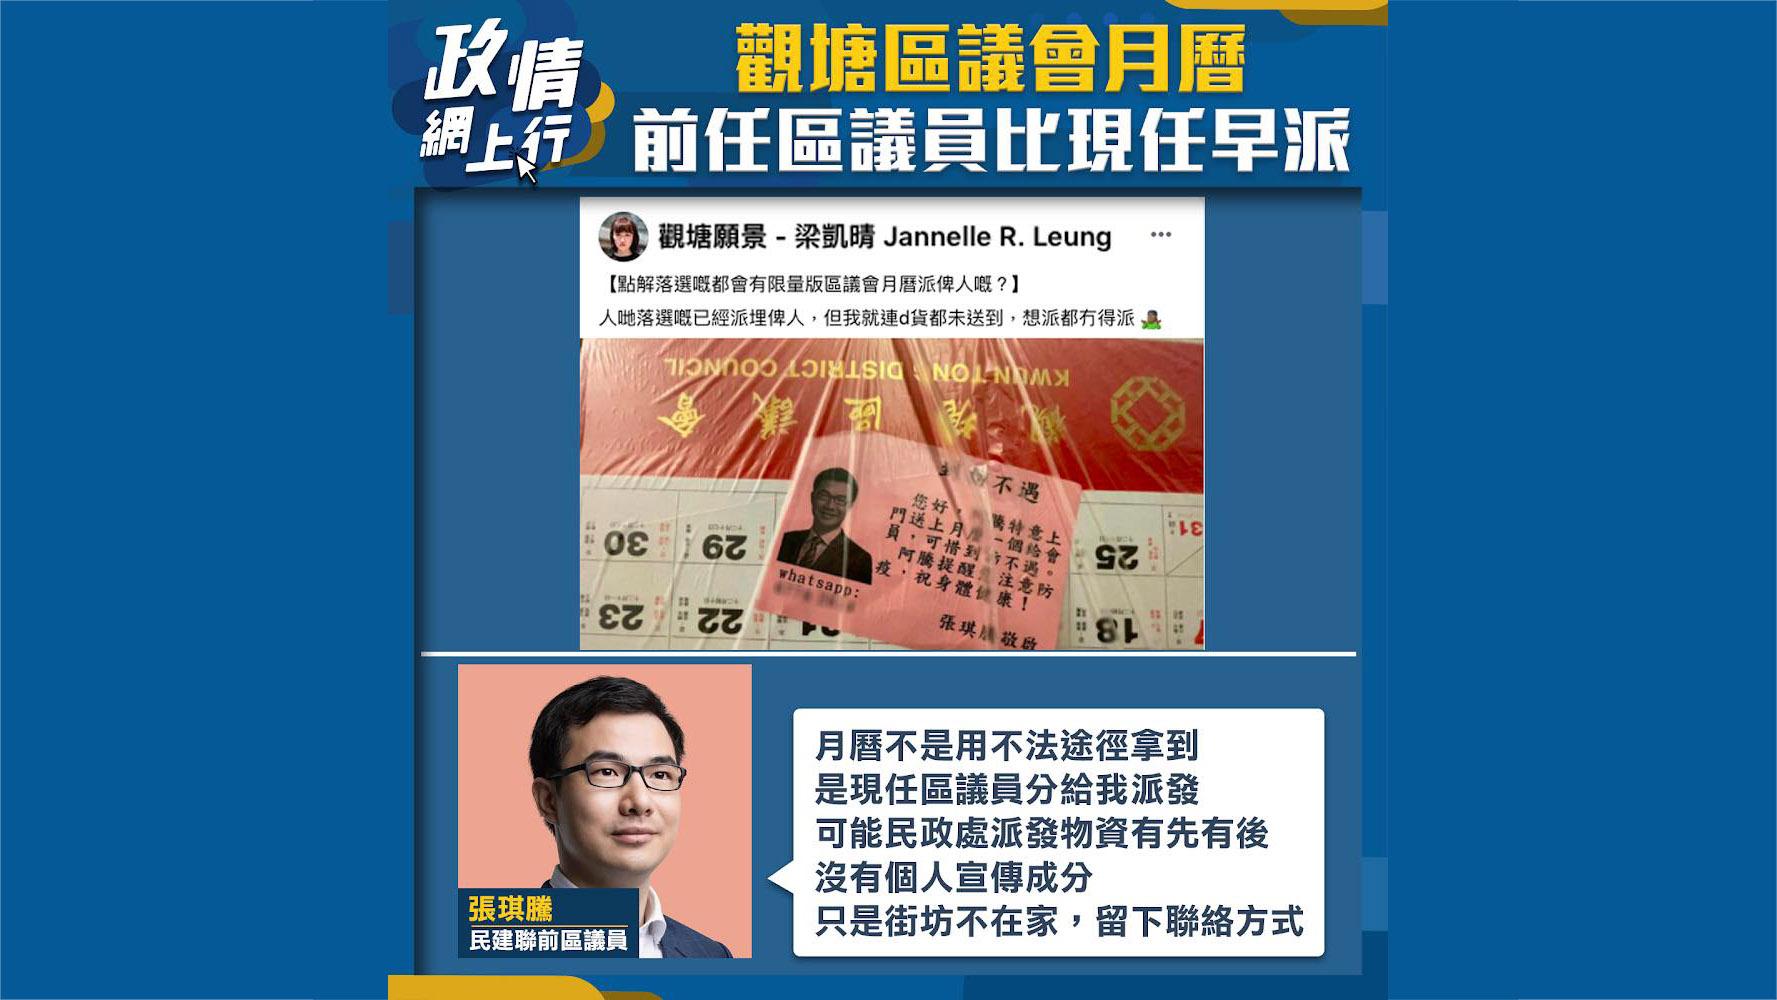 【政情網上行】觀塘區議會月曆 前任區議員比現任早派